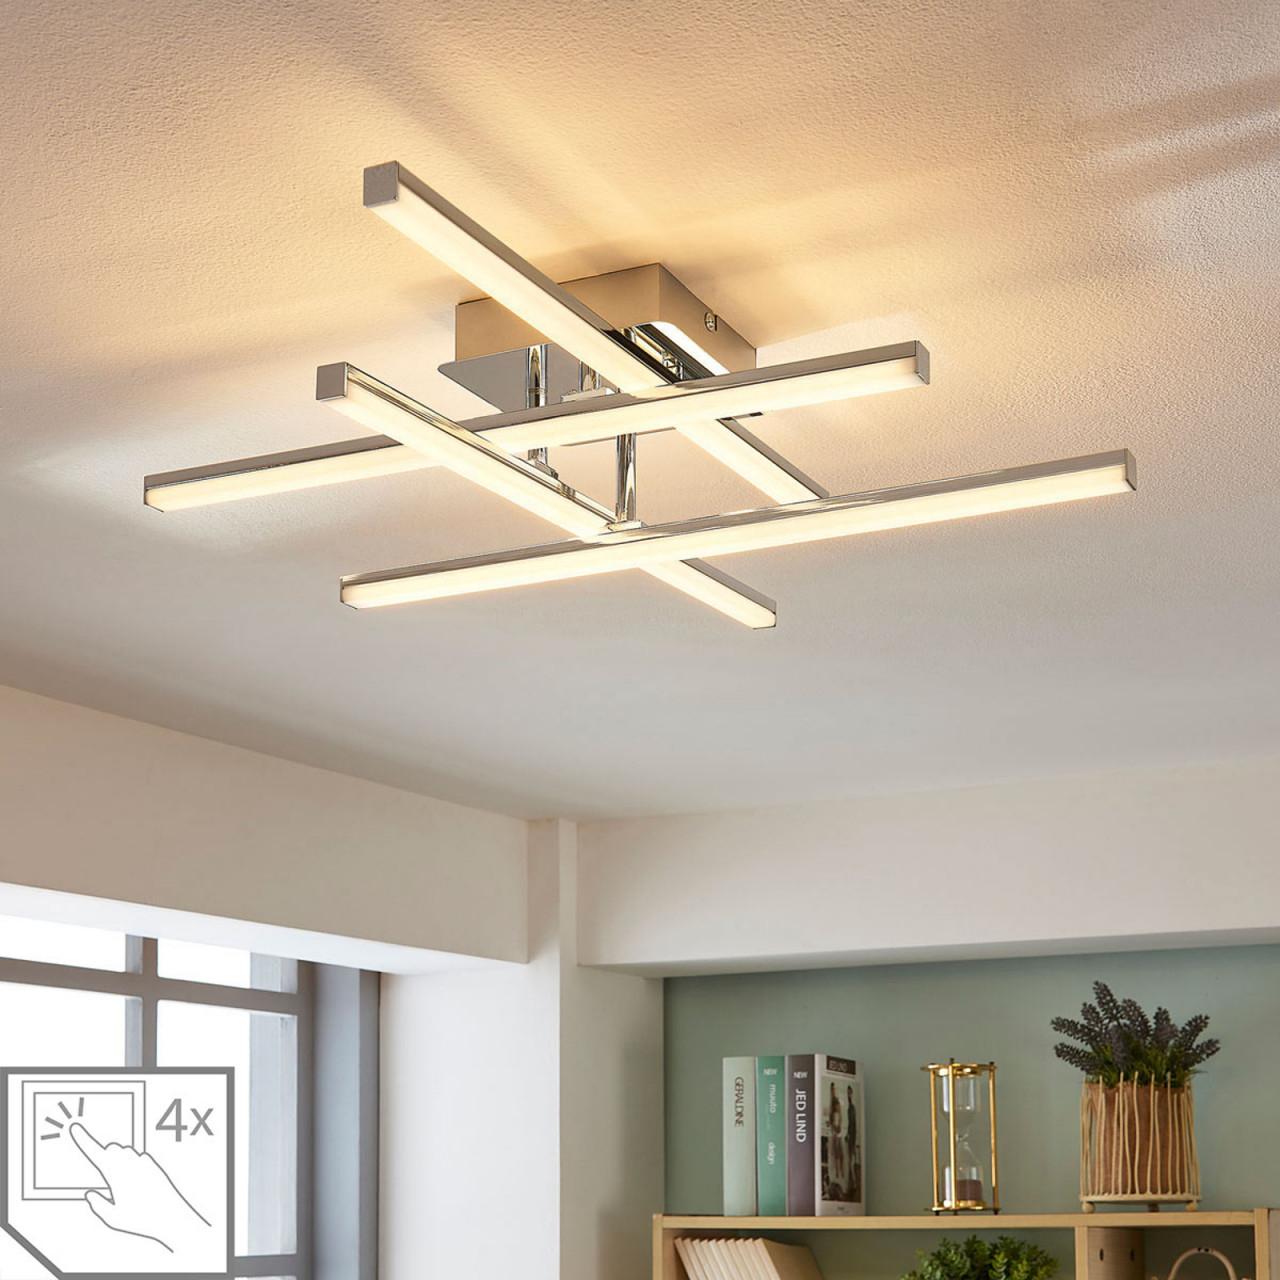 Möbel  Wohnaccessoires Küche Haushalt  Wohnen Für von Led Lampe Wohnzimmer Bild